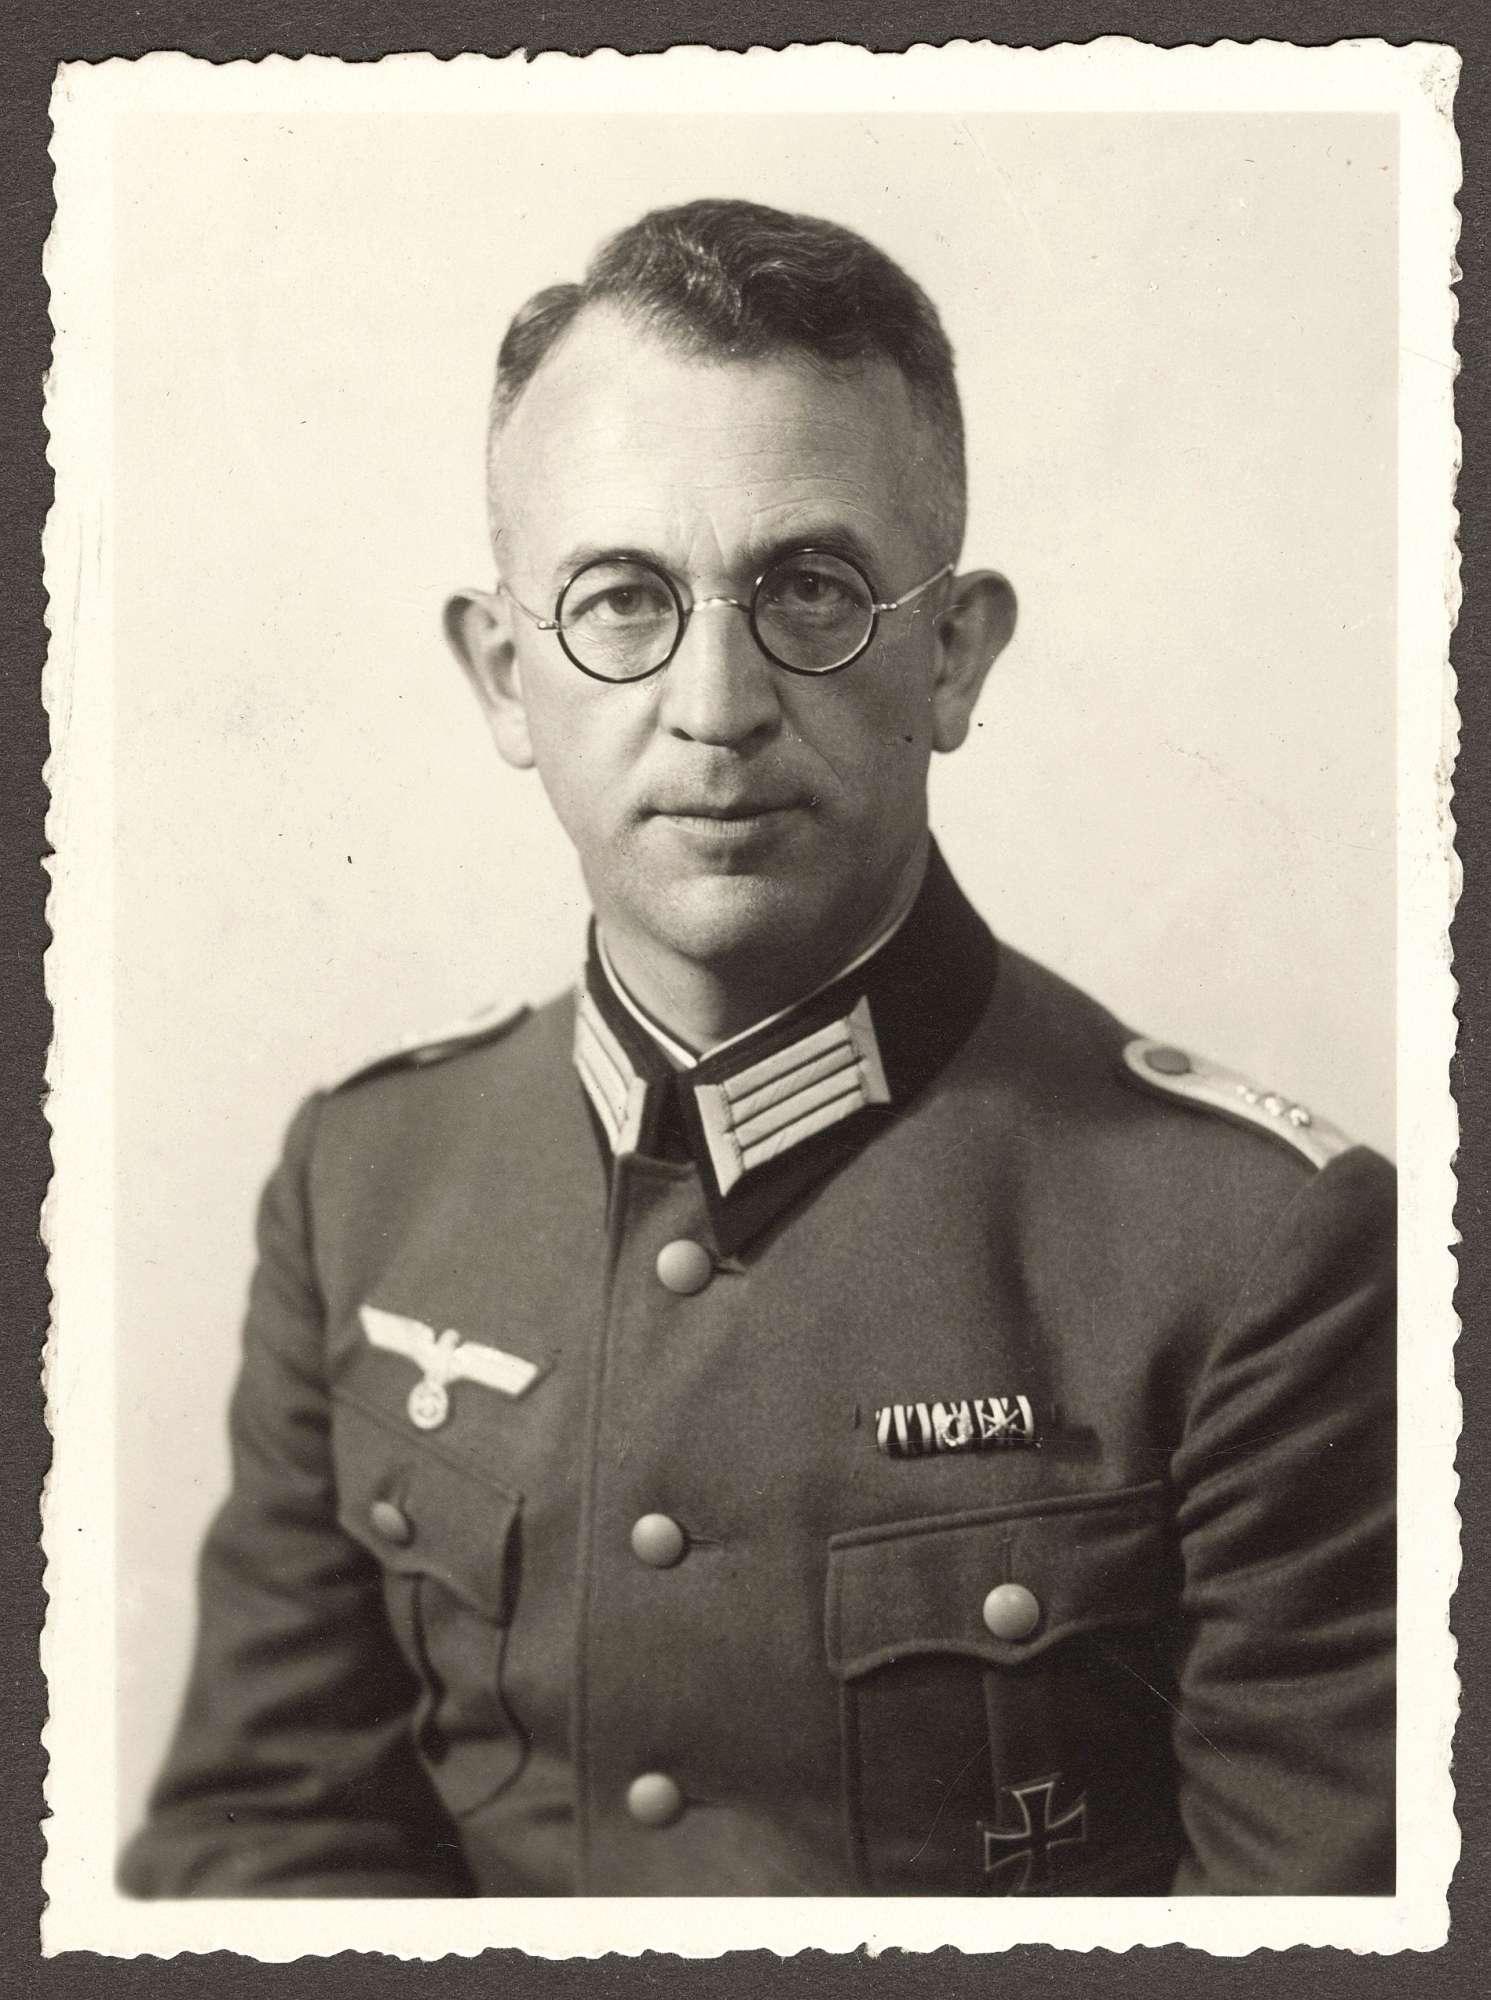 Gmelin, Eberhard, Bild 1